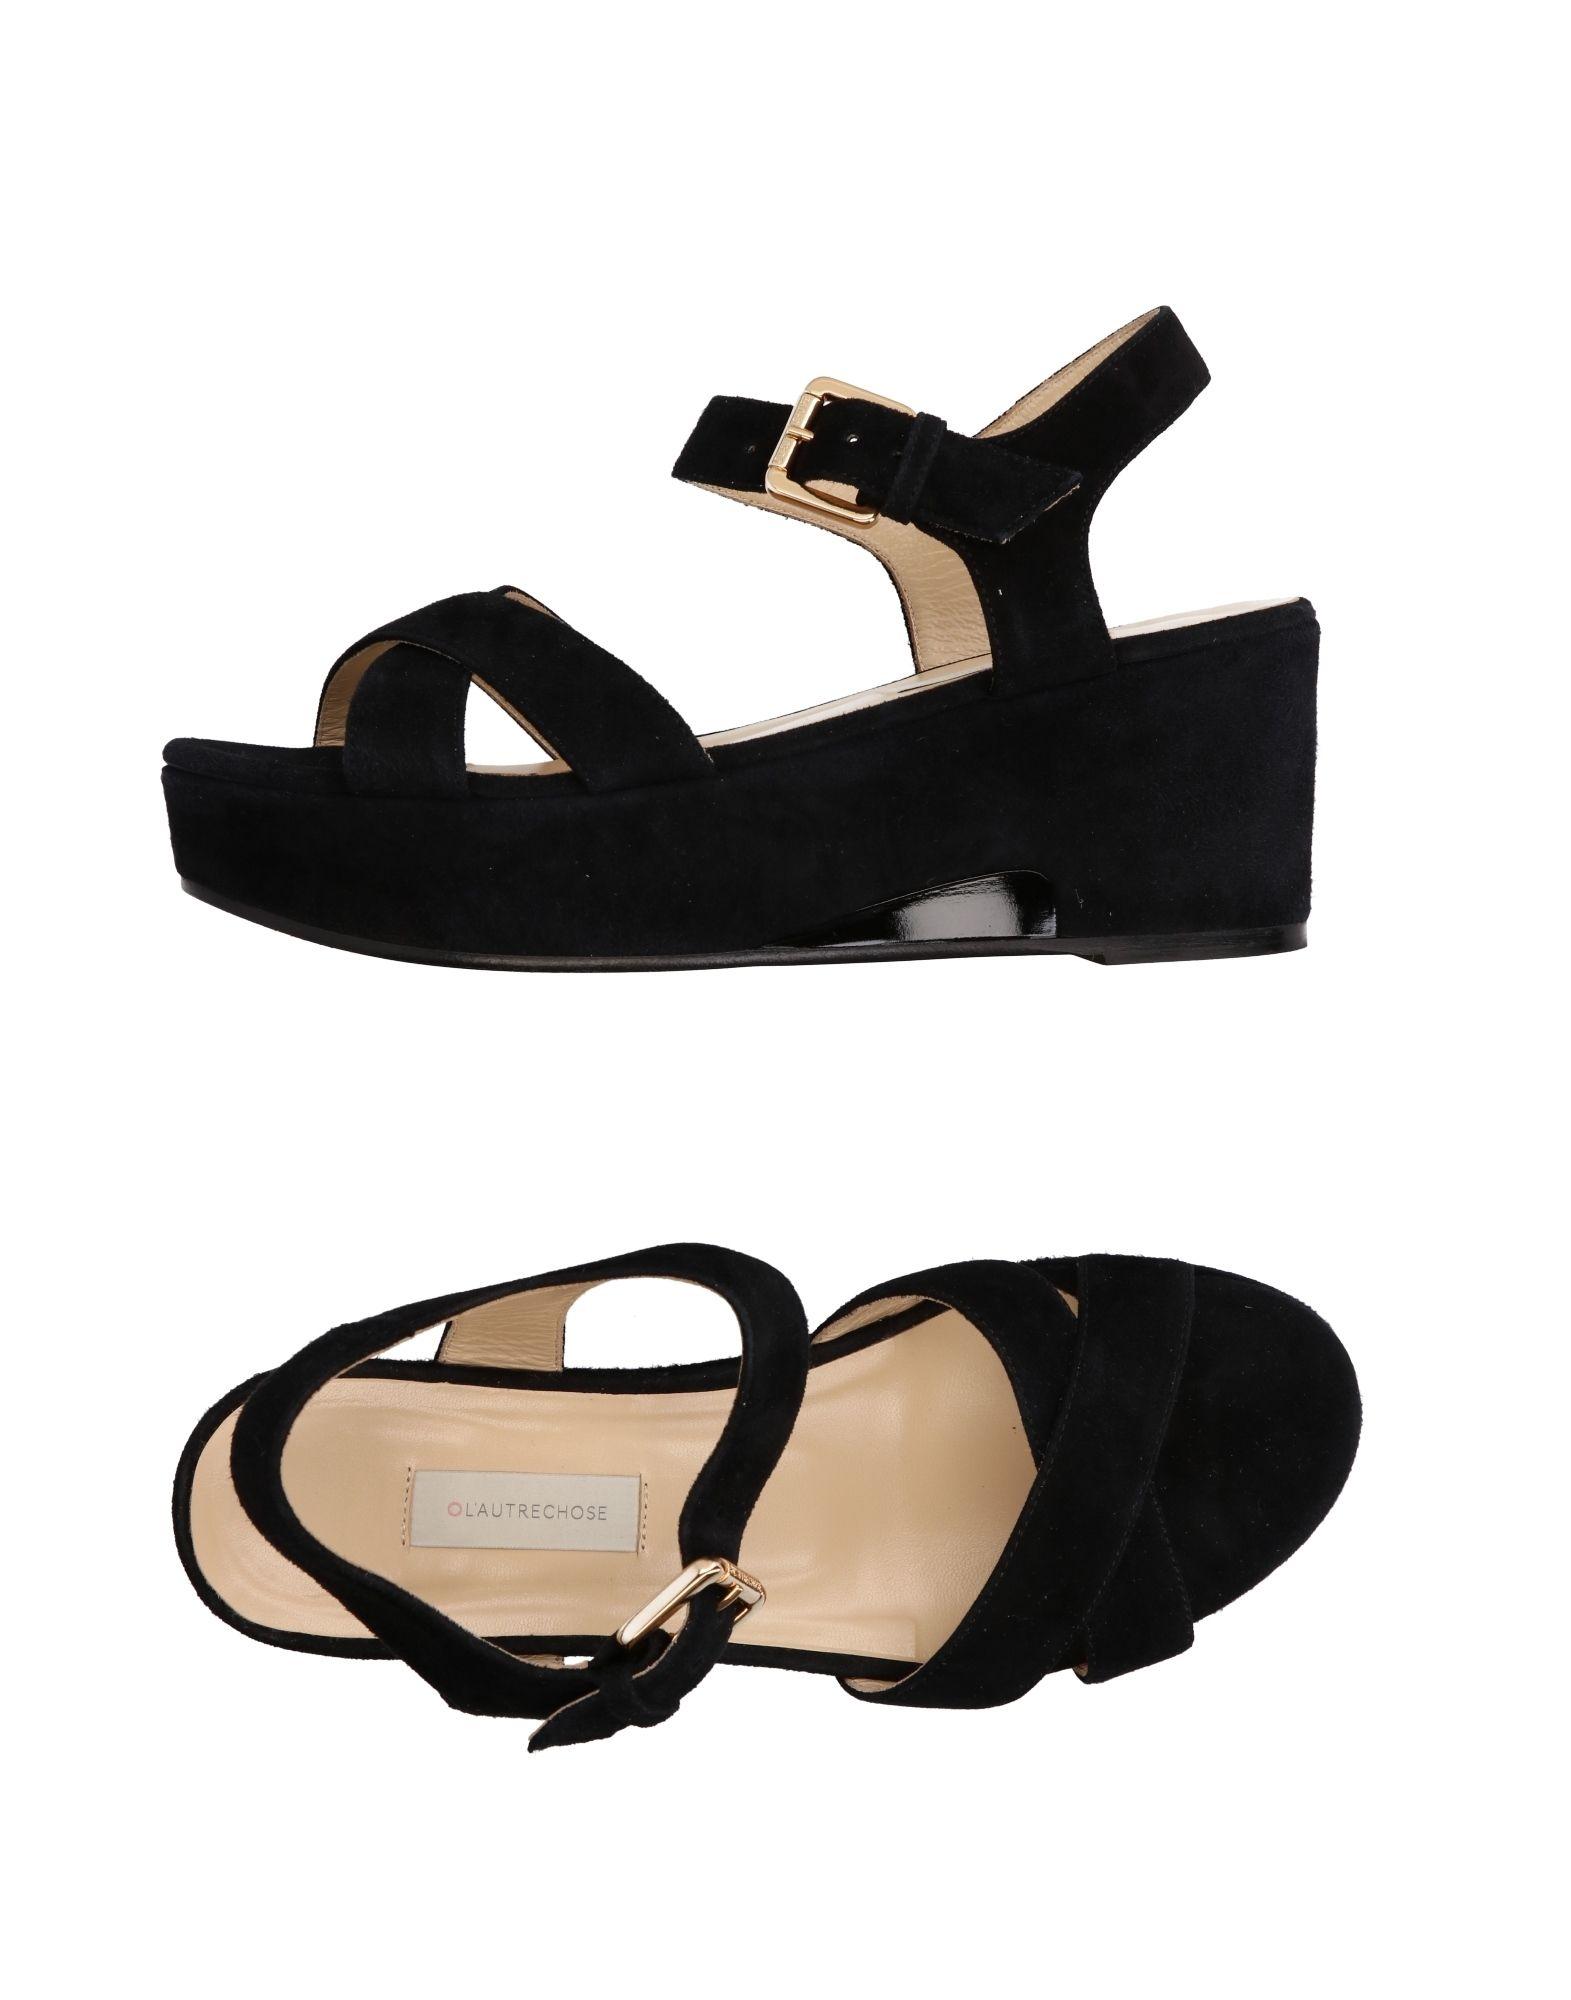 Stilvolle billige Schuhe Damen L' Autre Chose Sandalen Damen Schuhe  11239239RU 04b3bf